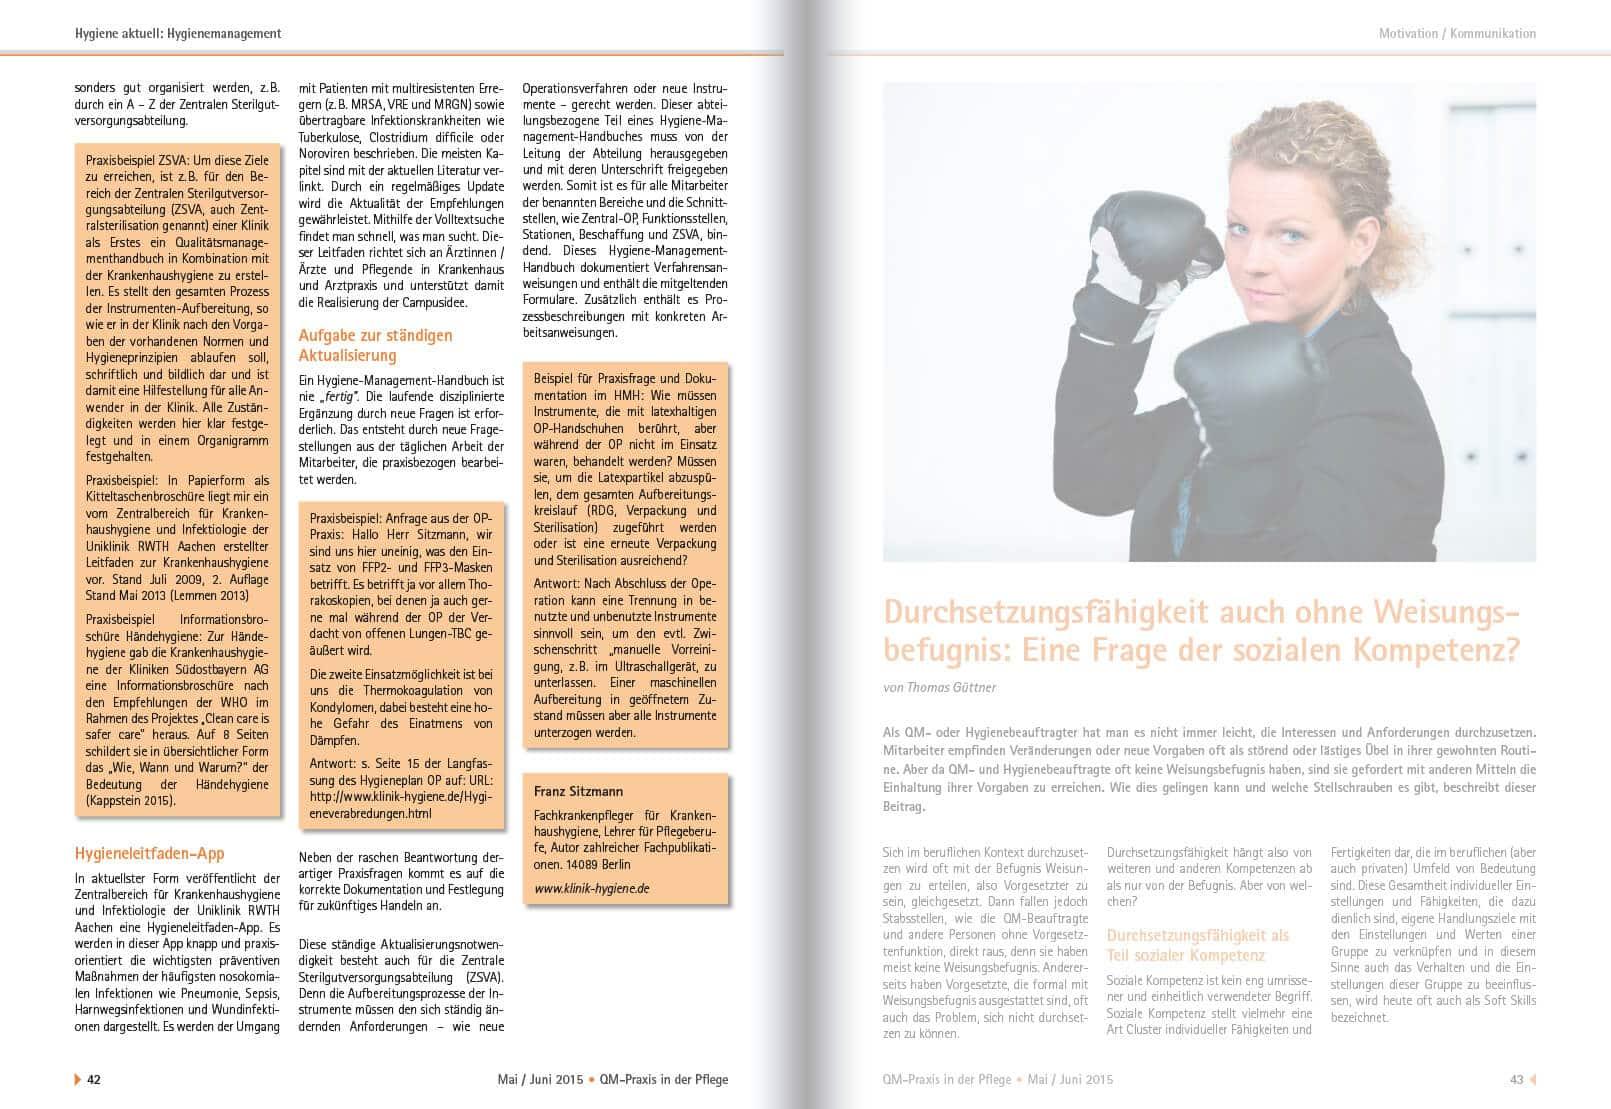 2015-05 Erstellen Hygienemanagement-Handbuch 4